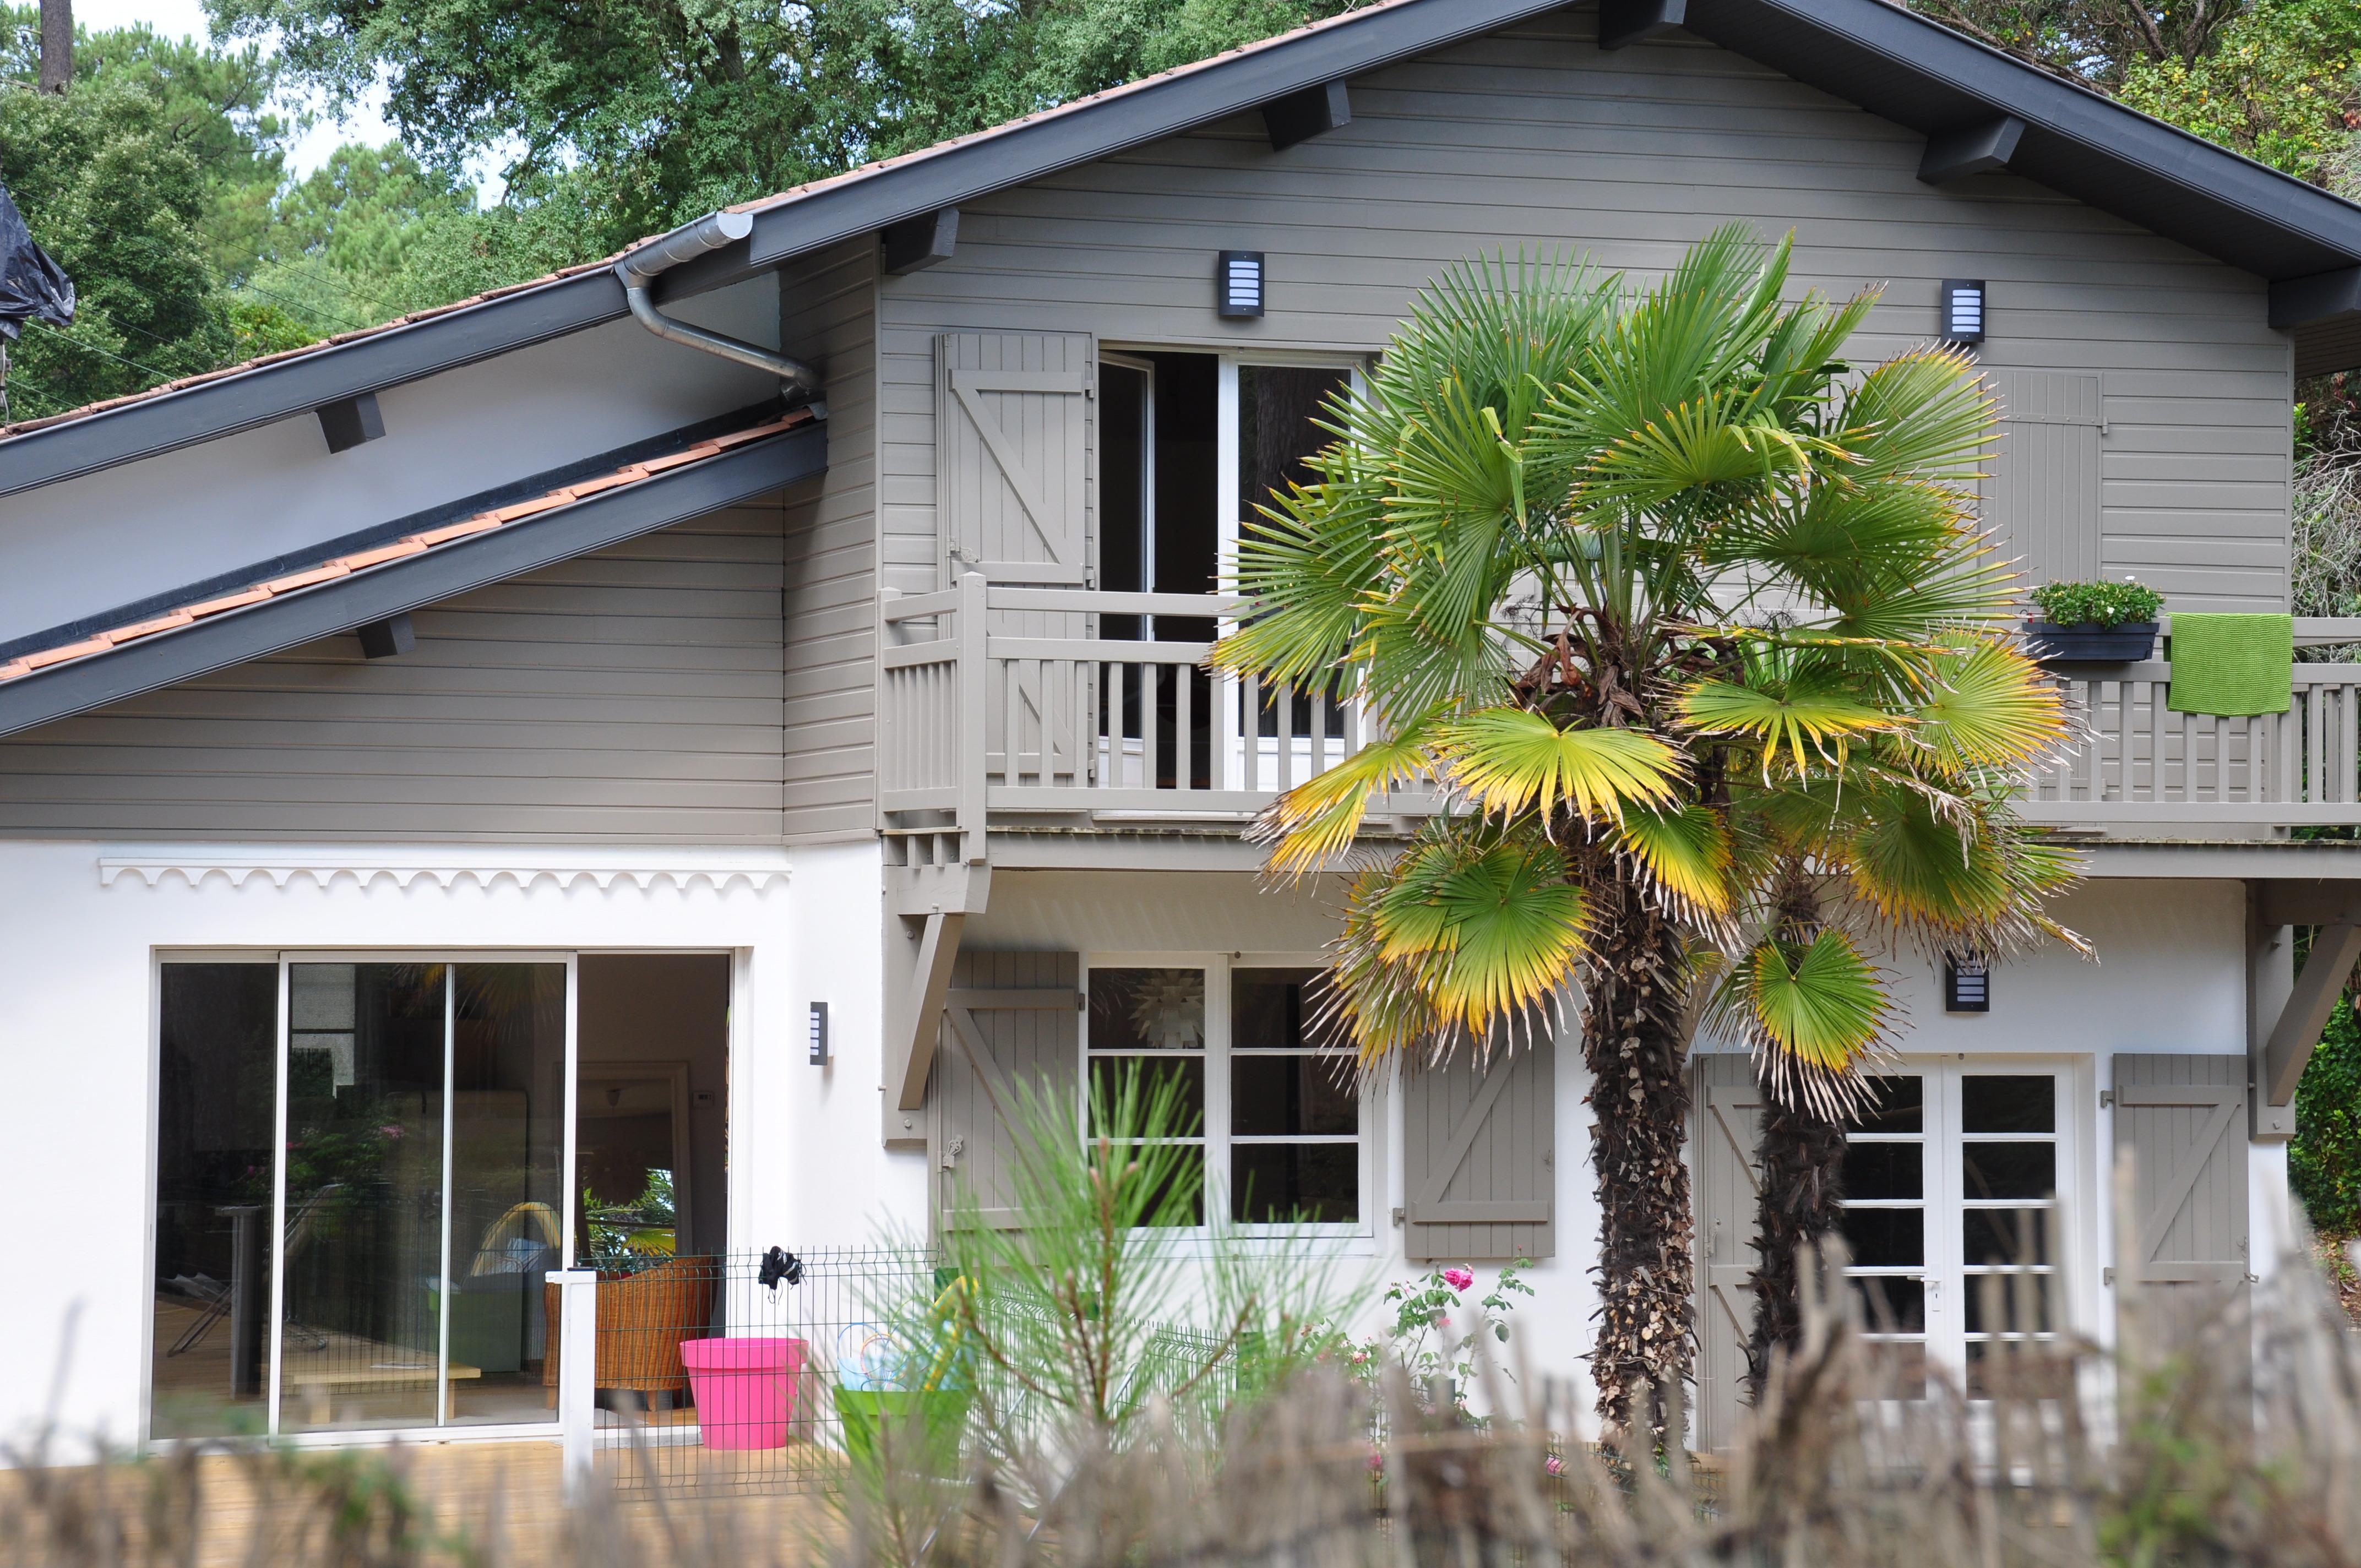 achat maison : Achat maison: tout ce qu'il faut savoir avant d'acheter une maison